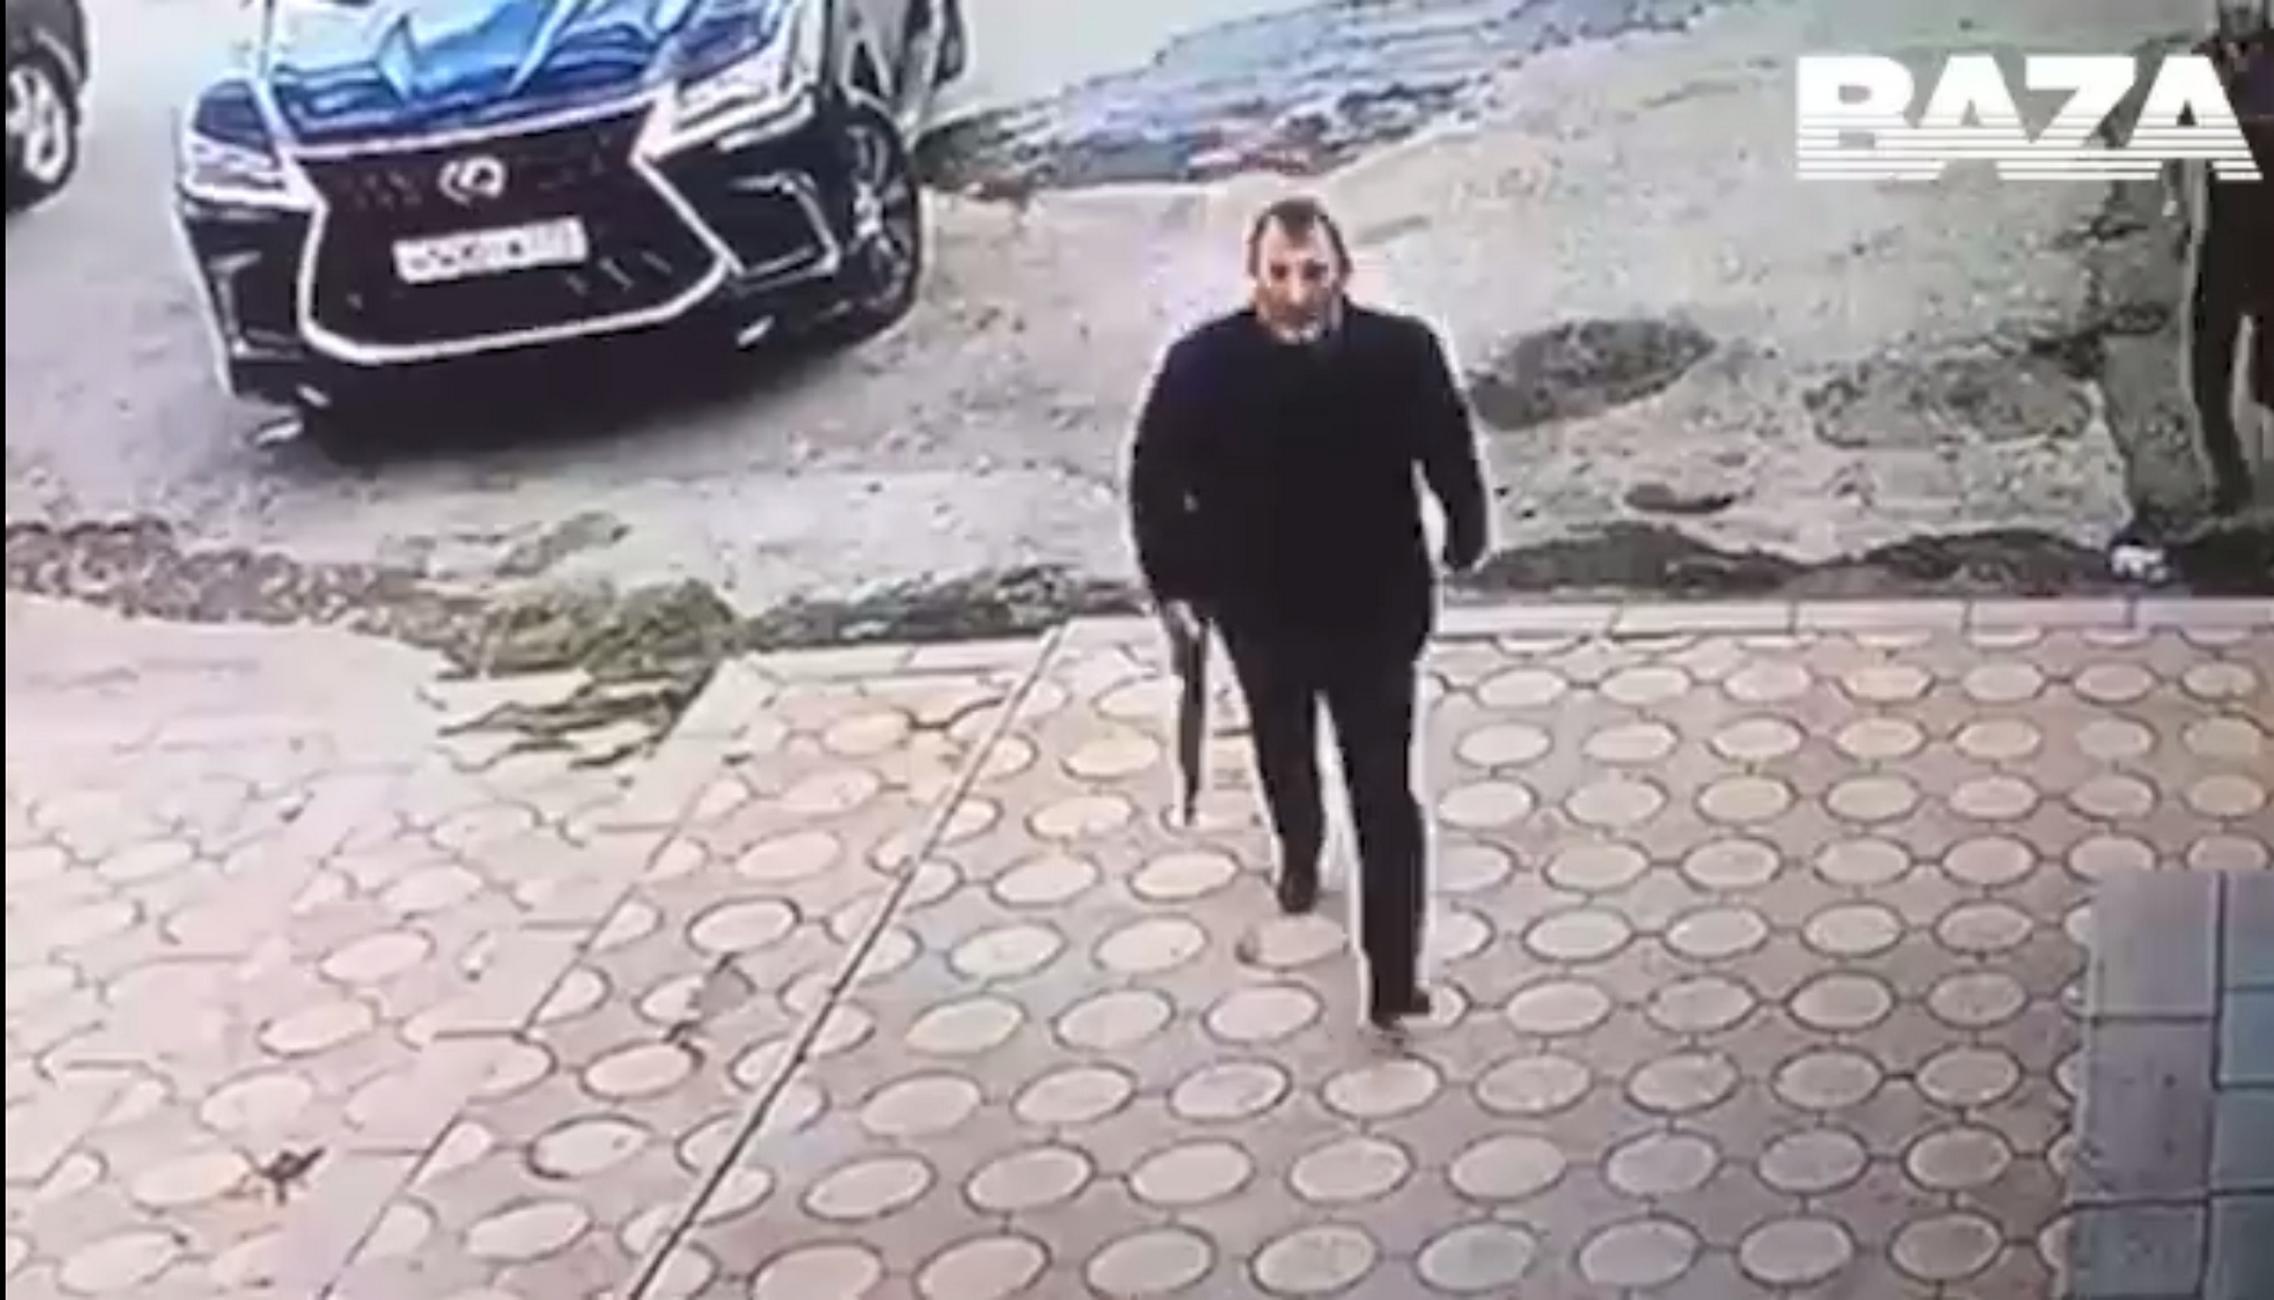 Σοκαριστικό: Κάμερα κατέγραψε τη δολοφονία πρώην αθλητή του ΜΜΑ! Προσοχή σκληρές εικόνες